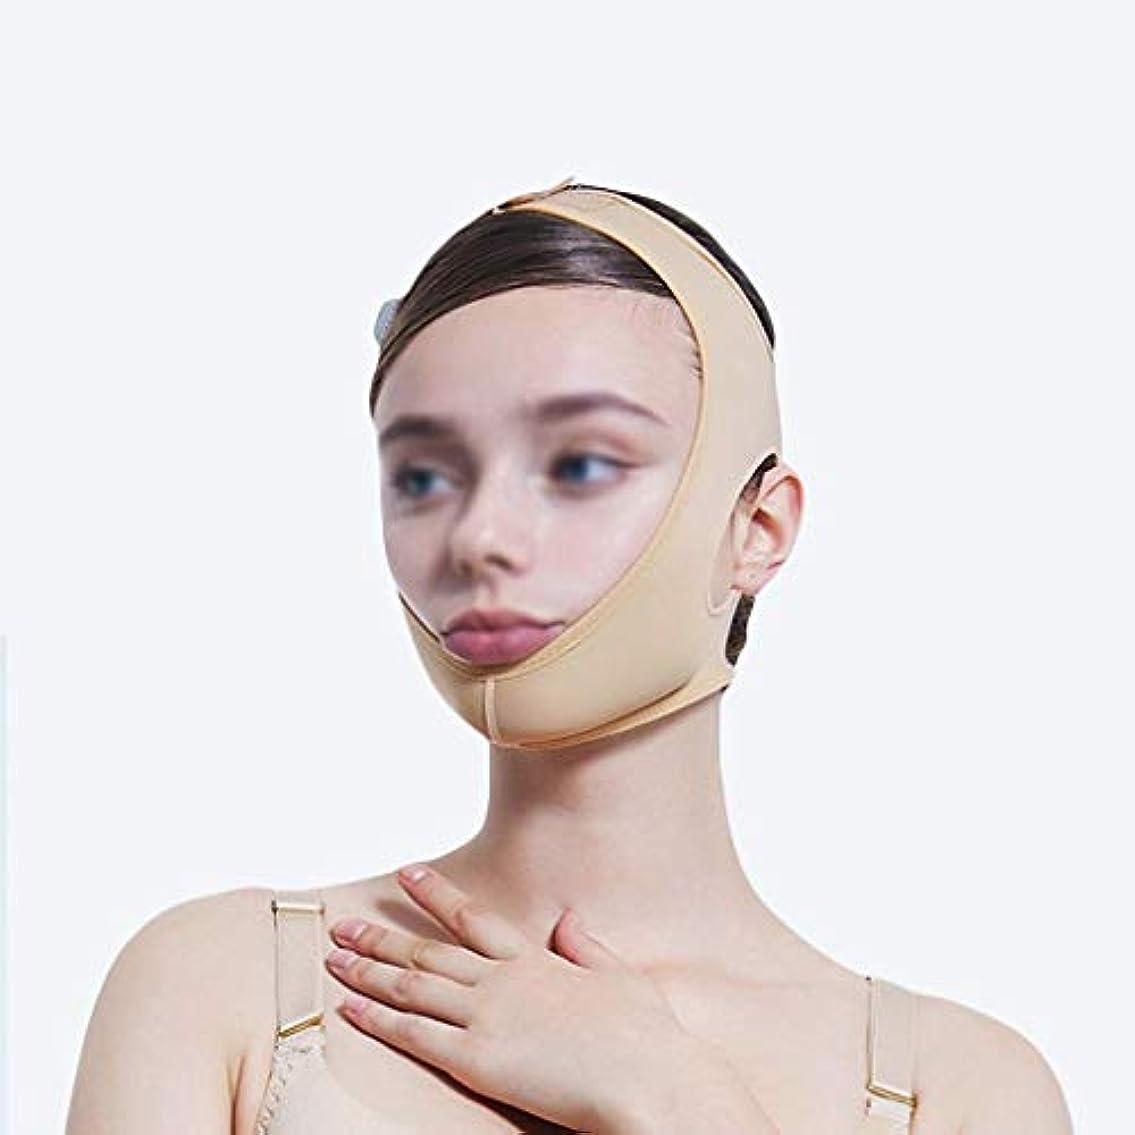 鎮痛剤時計工業用フェイシャルライン、頬、しわ防止フェイシャル減量、フェイスバンド、フェイスマスク、フェイスリフティング、通気性、ダブルチンストラップ(サイズ:XXL),S